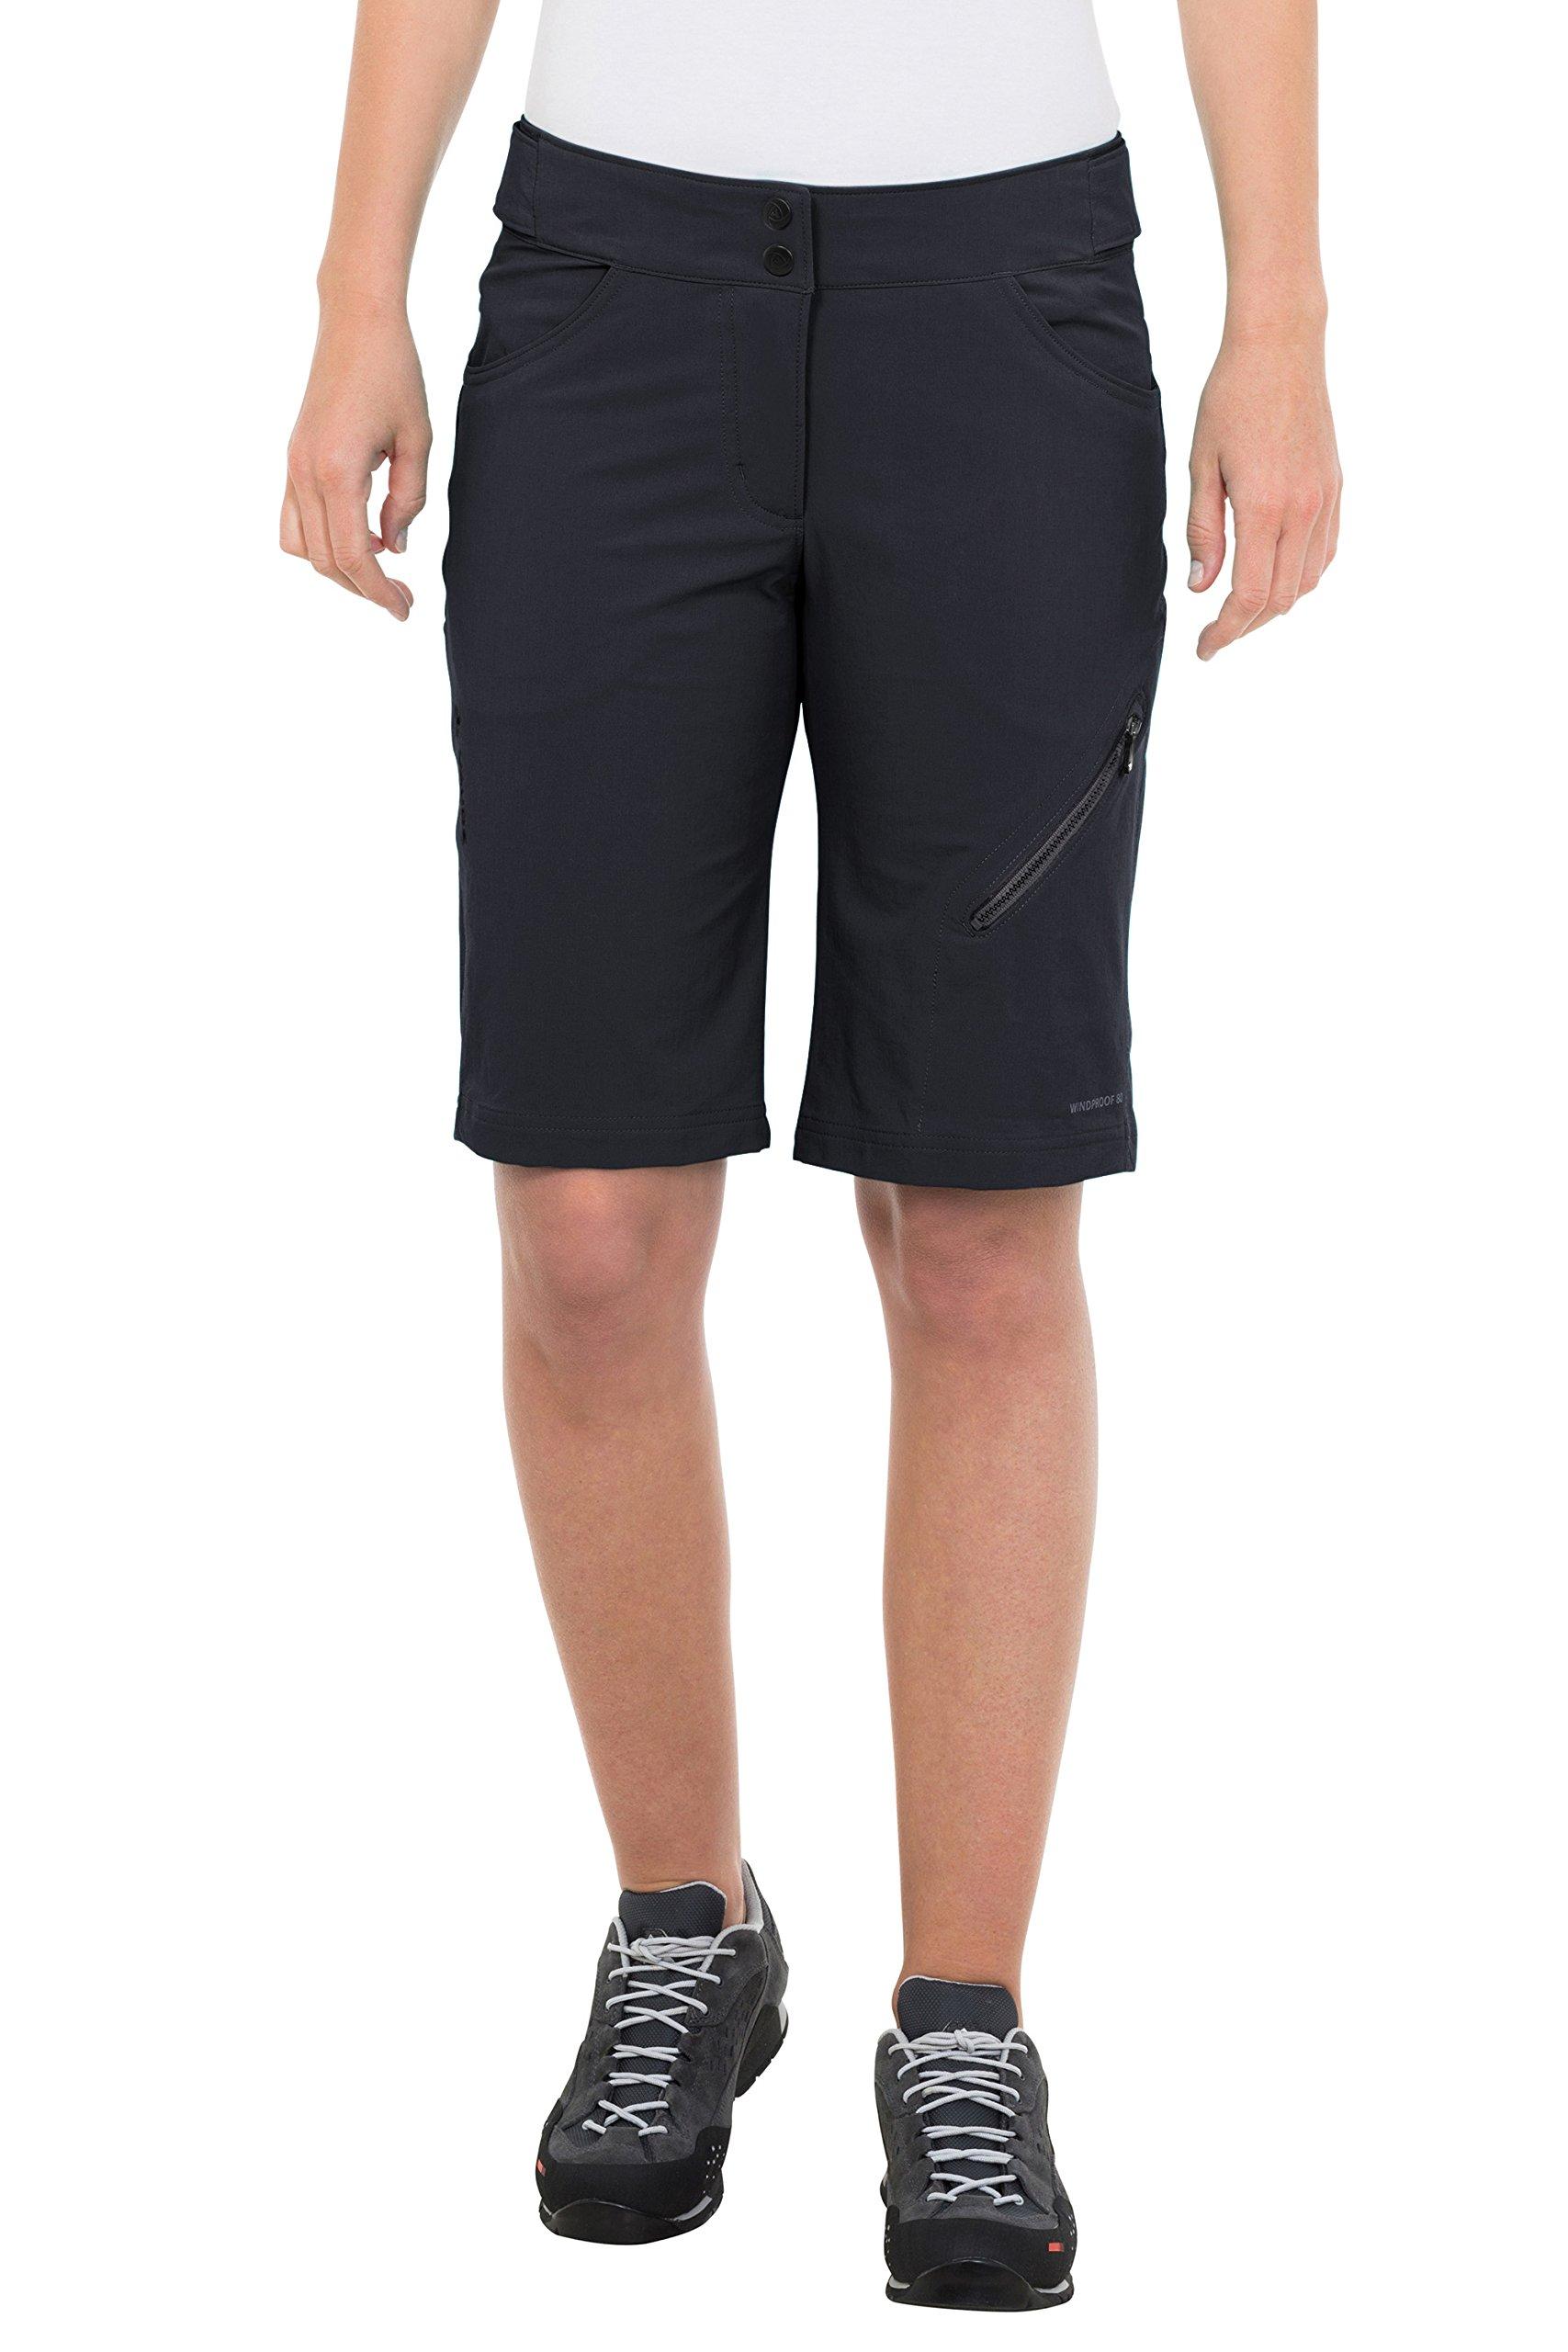 VAUDE Women's Elbert Shorts, Black, 38